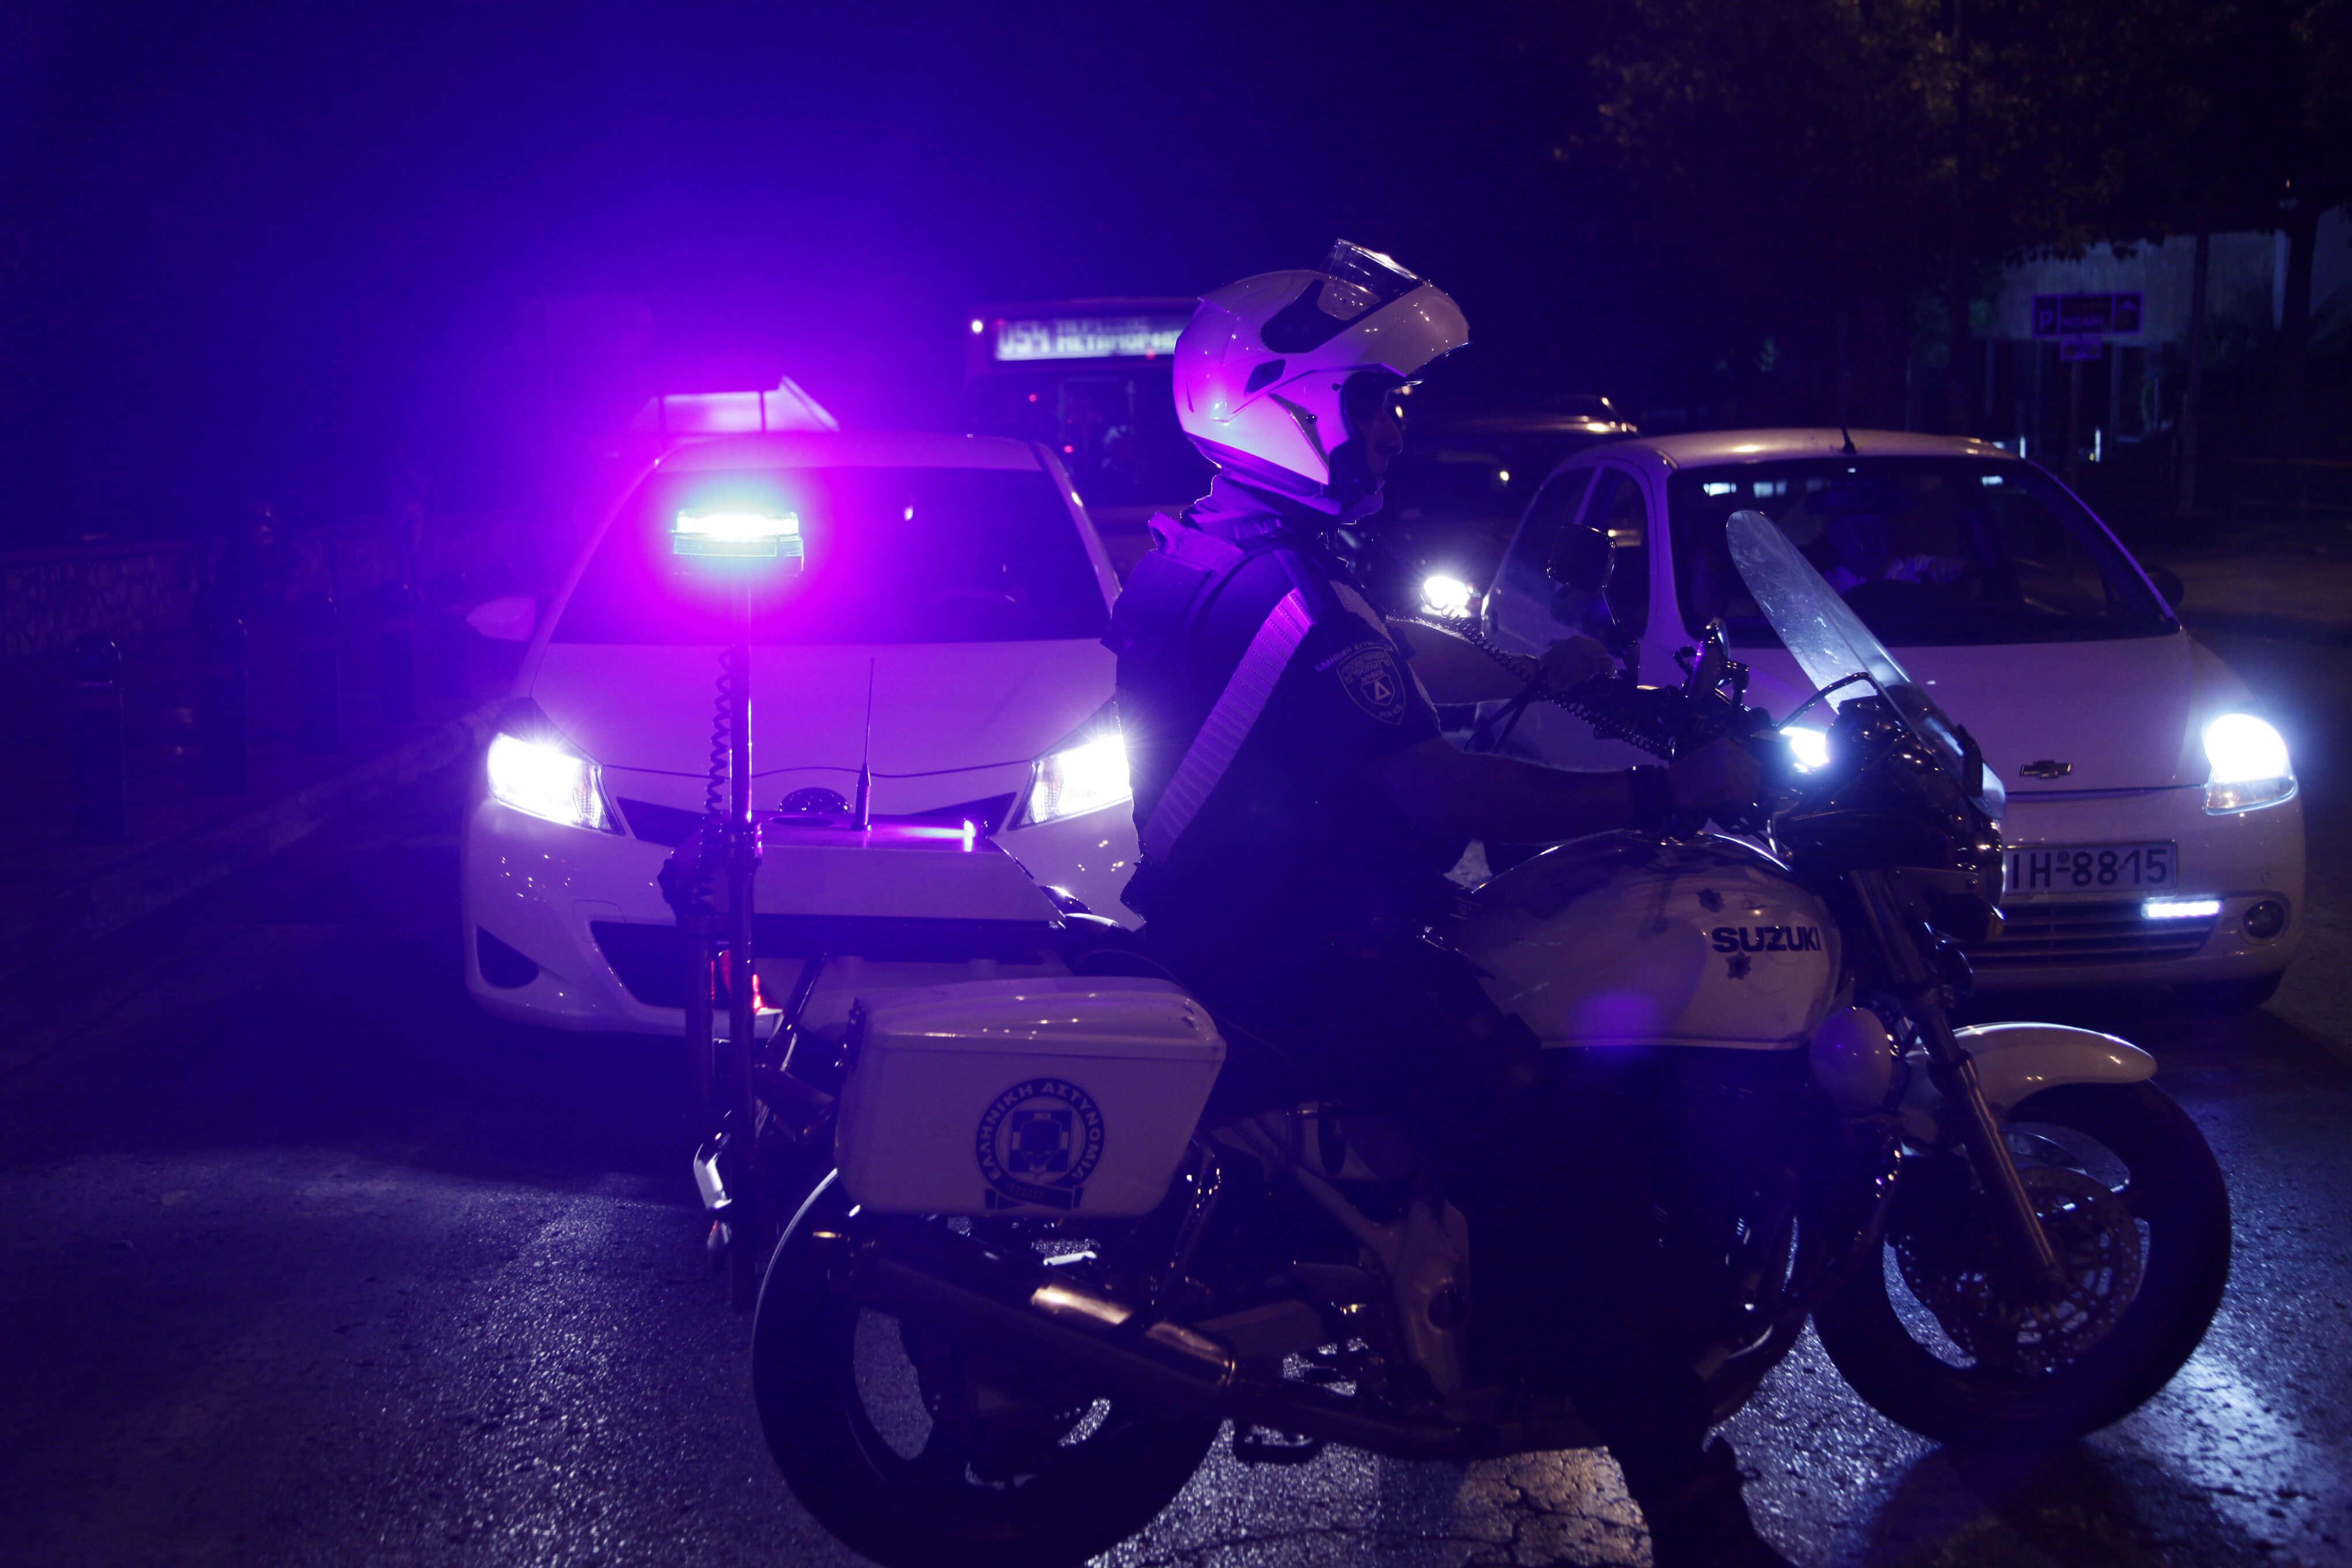 Συνελήφθησαν 3 αλλοδαποί για ληστείες σε Νίκαια, Πειραιά, Κορυδαλλό